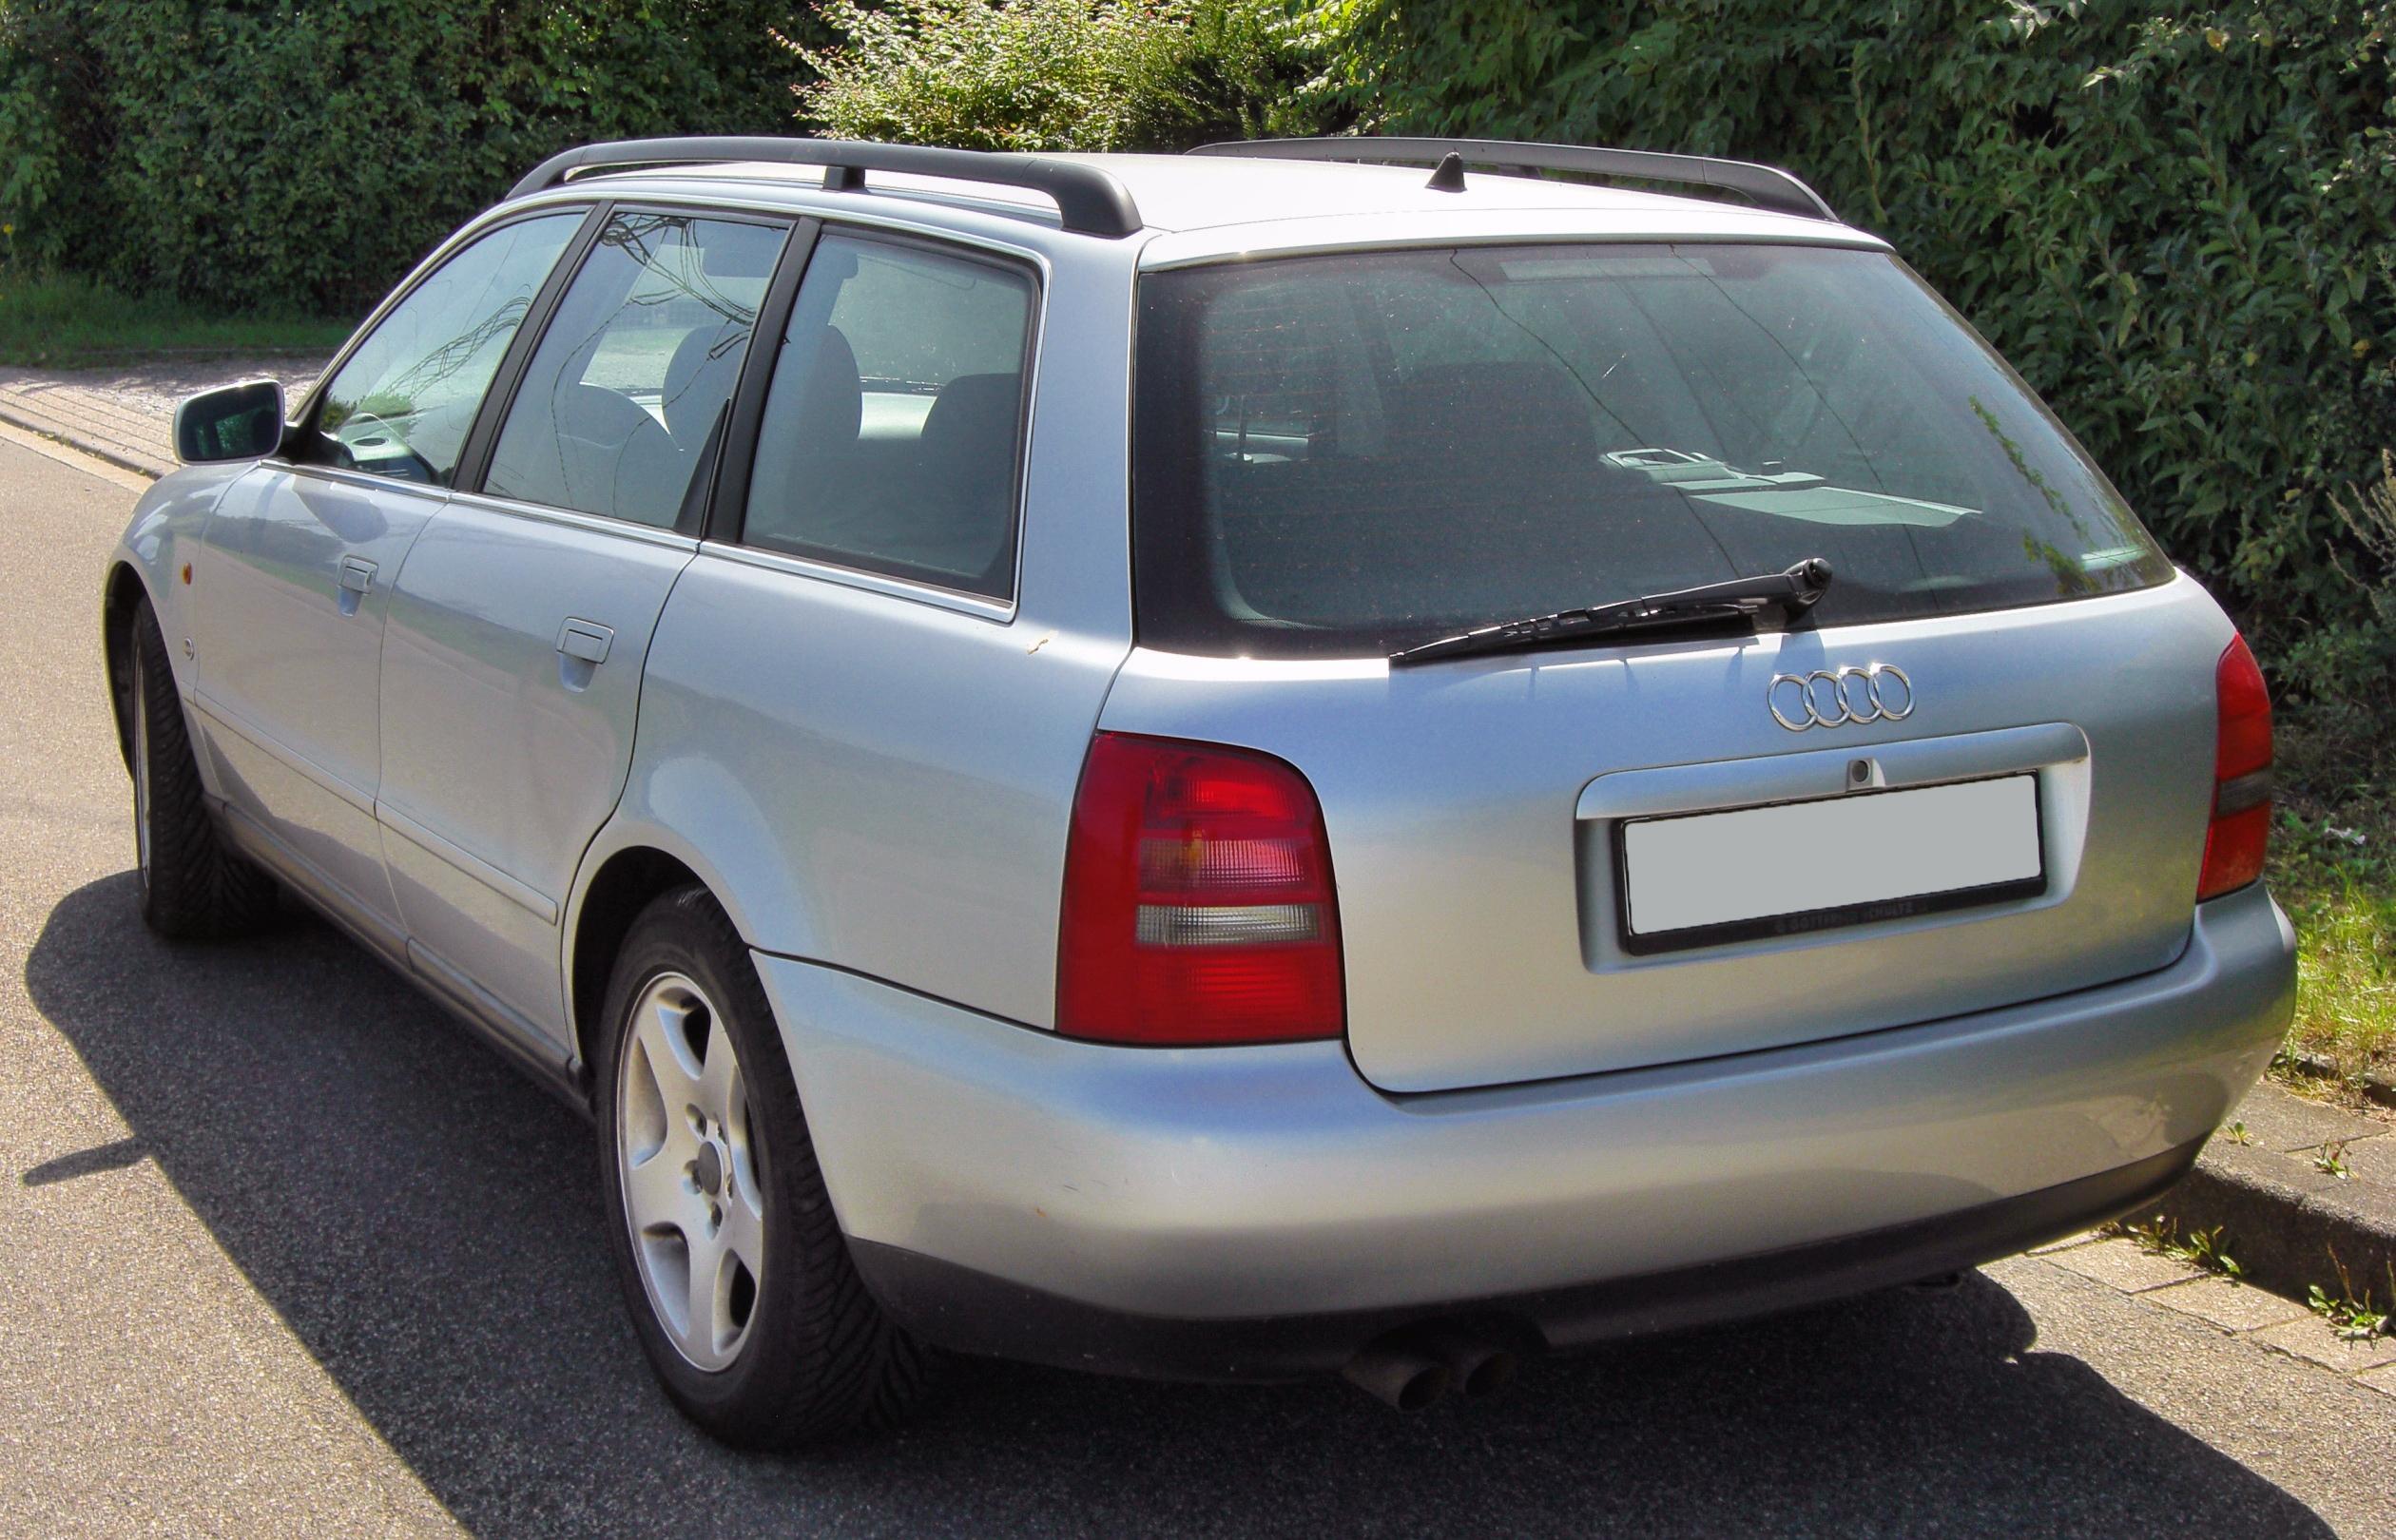 File:Audi A4 B5 Avant 20090815 rear.JPG - Wikimedia Commons